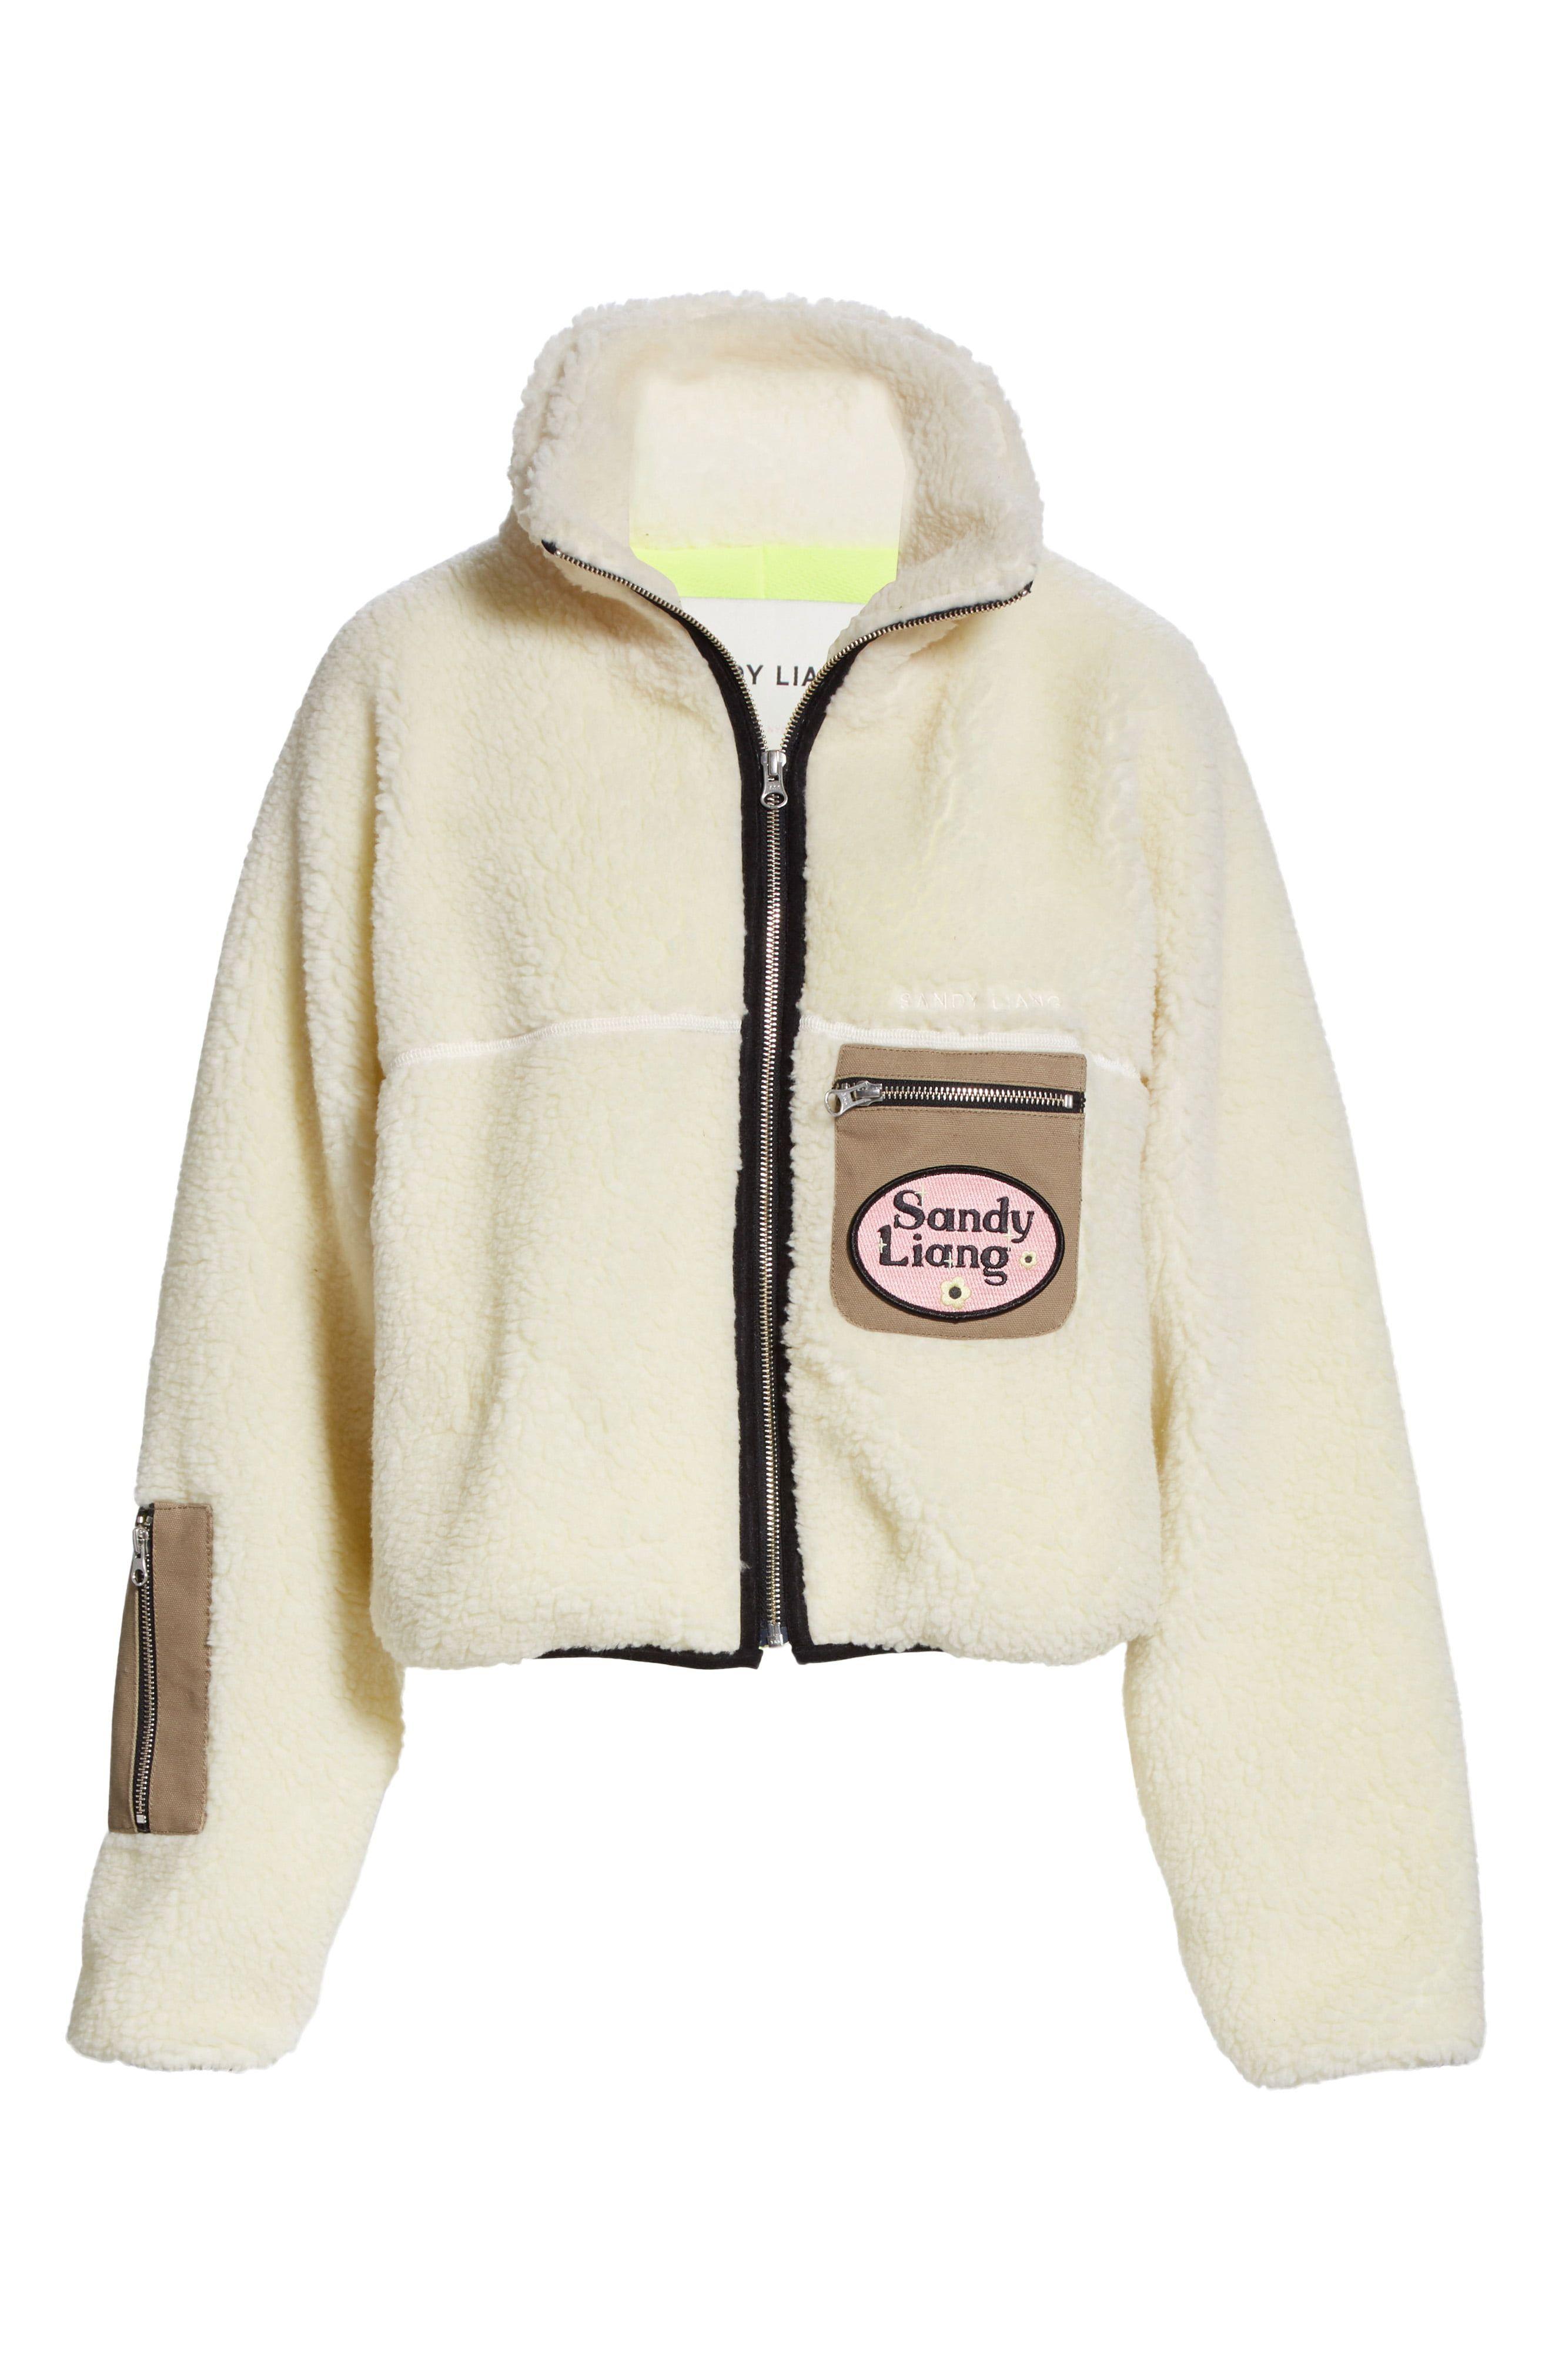 Sarnie Crop Fleece Jacket